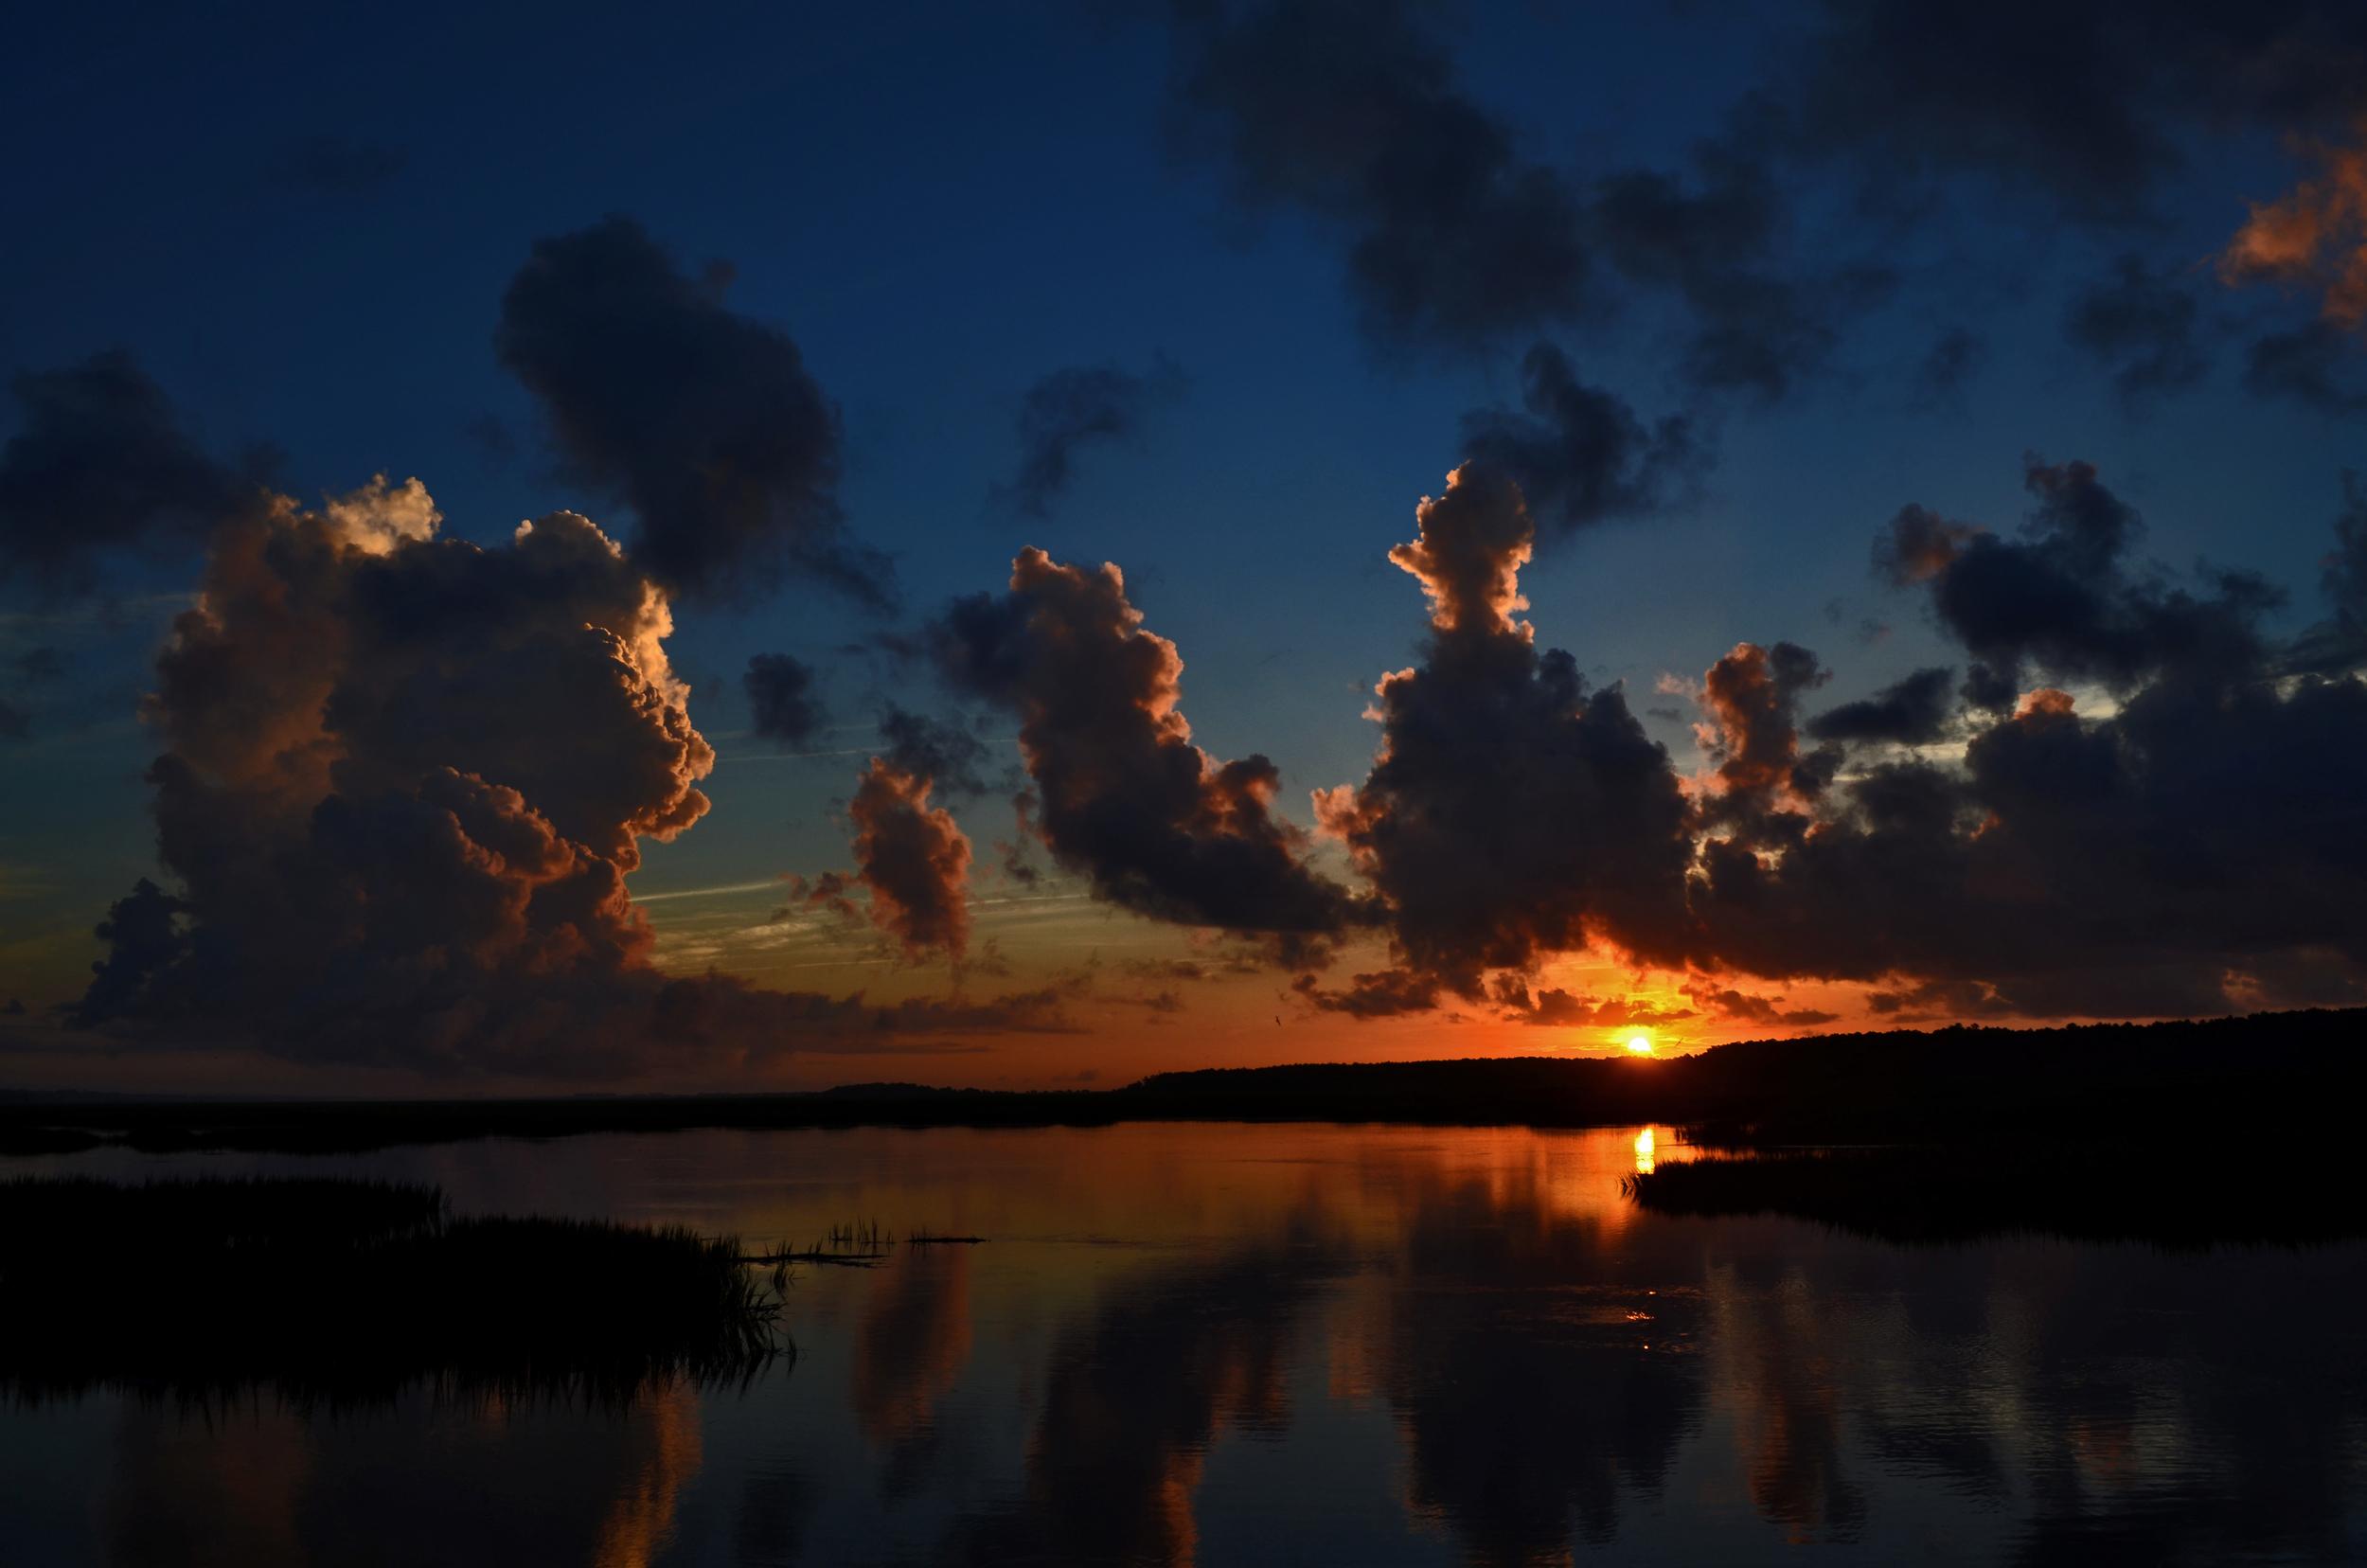 Sunrise at Huntingdon Beach State Park, South Carolina